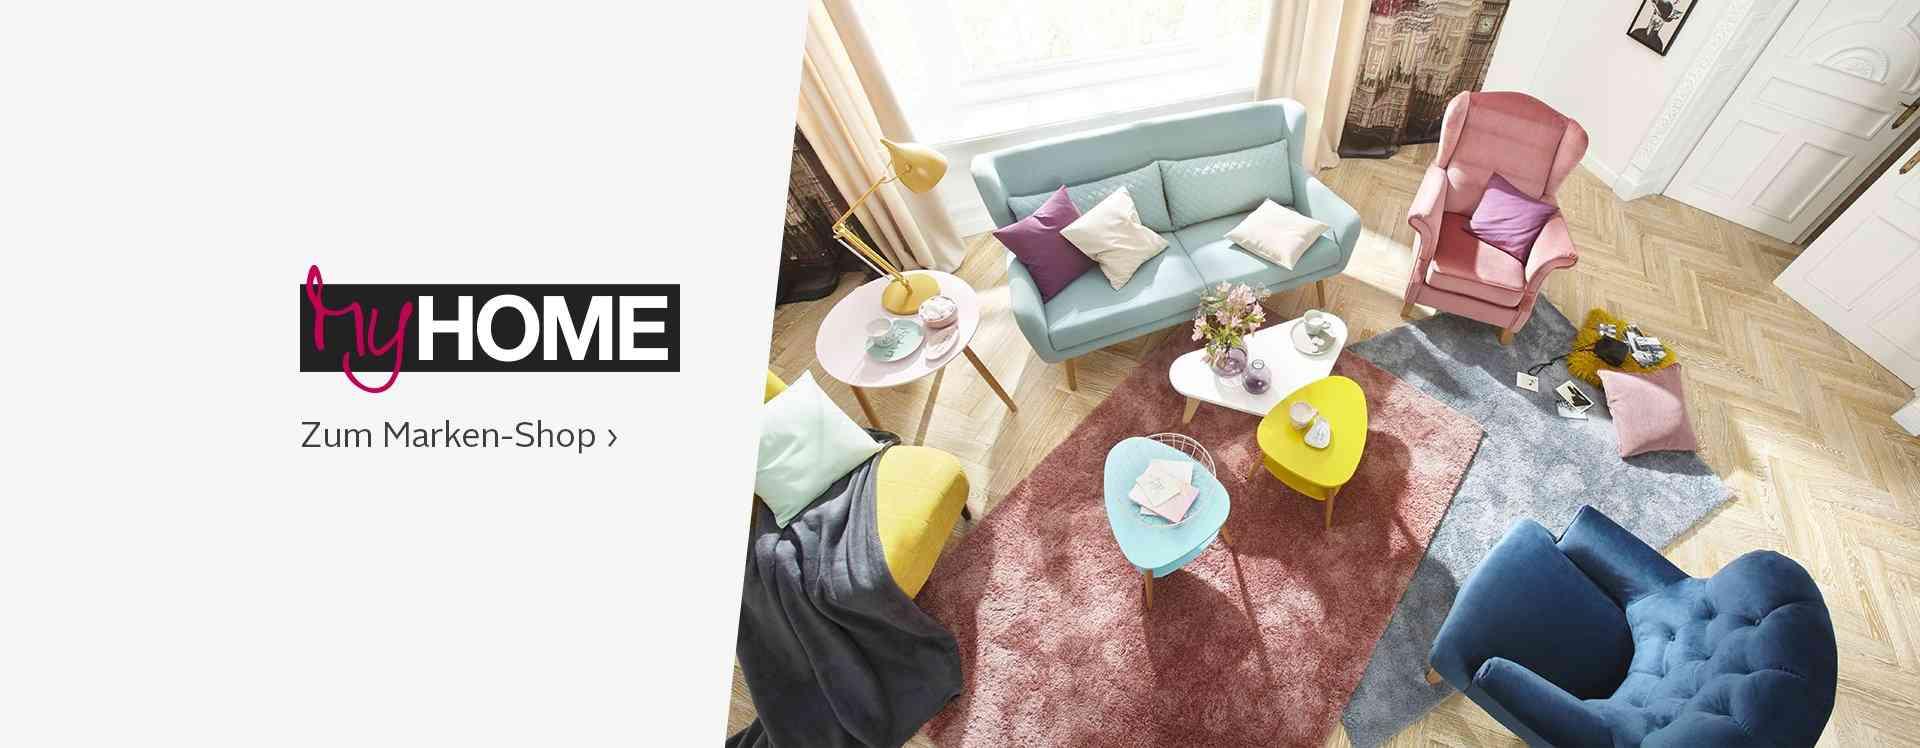 Moderne und hochwertige Heimtextilien von My Home für ein gemütliches zu Hause - von Gardinen & Vorhängen über Badematten, Bettdecken und Matratzen bis zu Teppichen & Bodenbelägen!